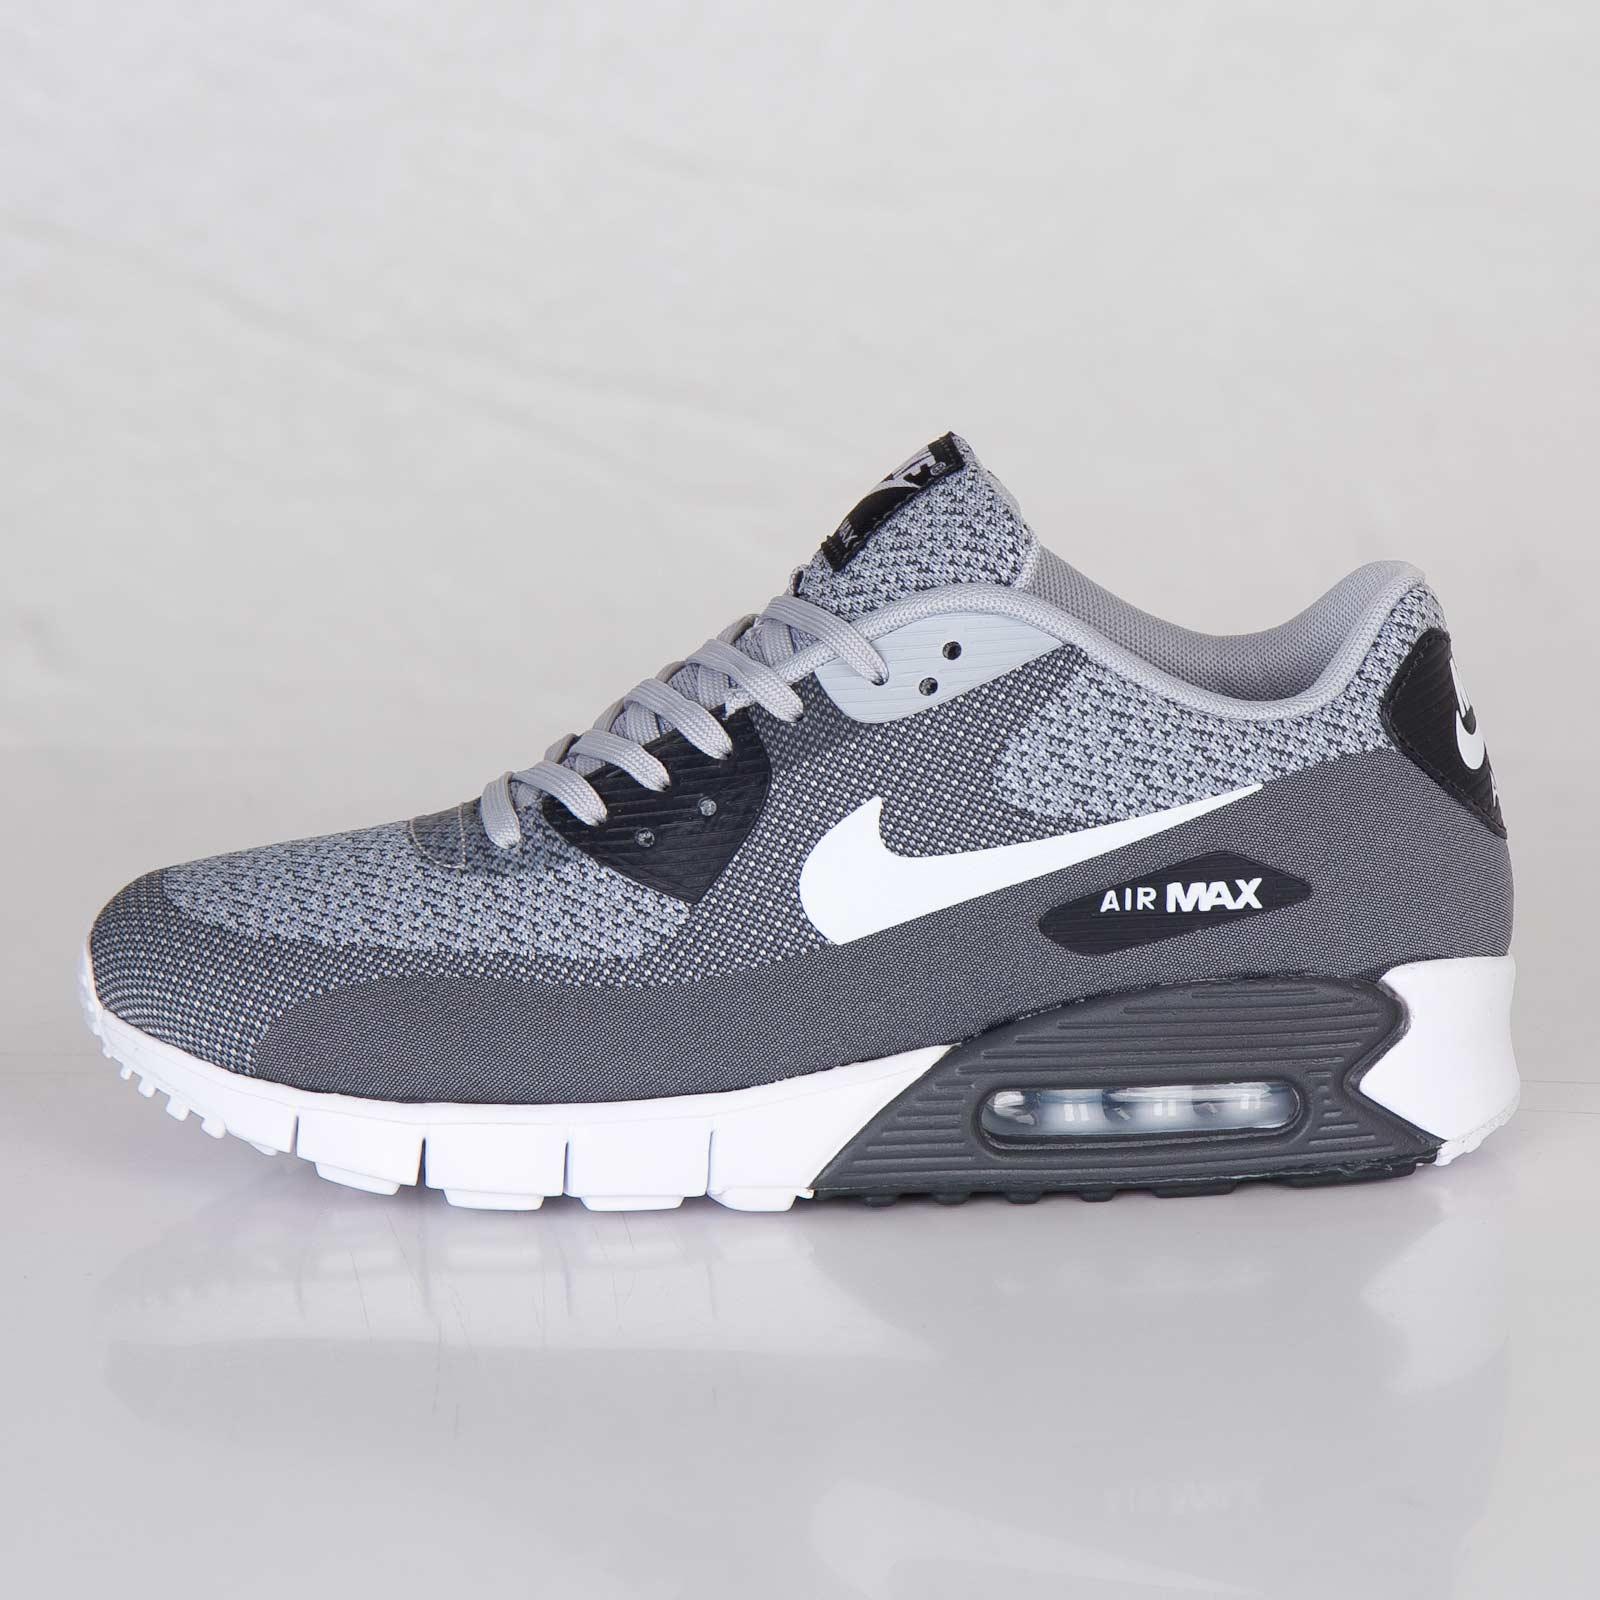 88505010c9 Nike Air Max 90 JCRD - 631750-003 - Sneakersnstuff   sneakers ...